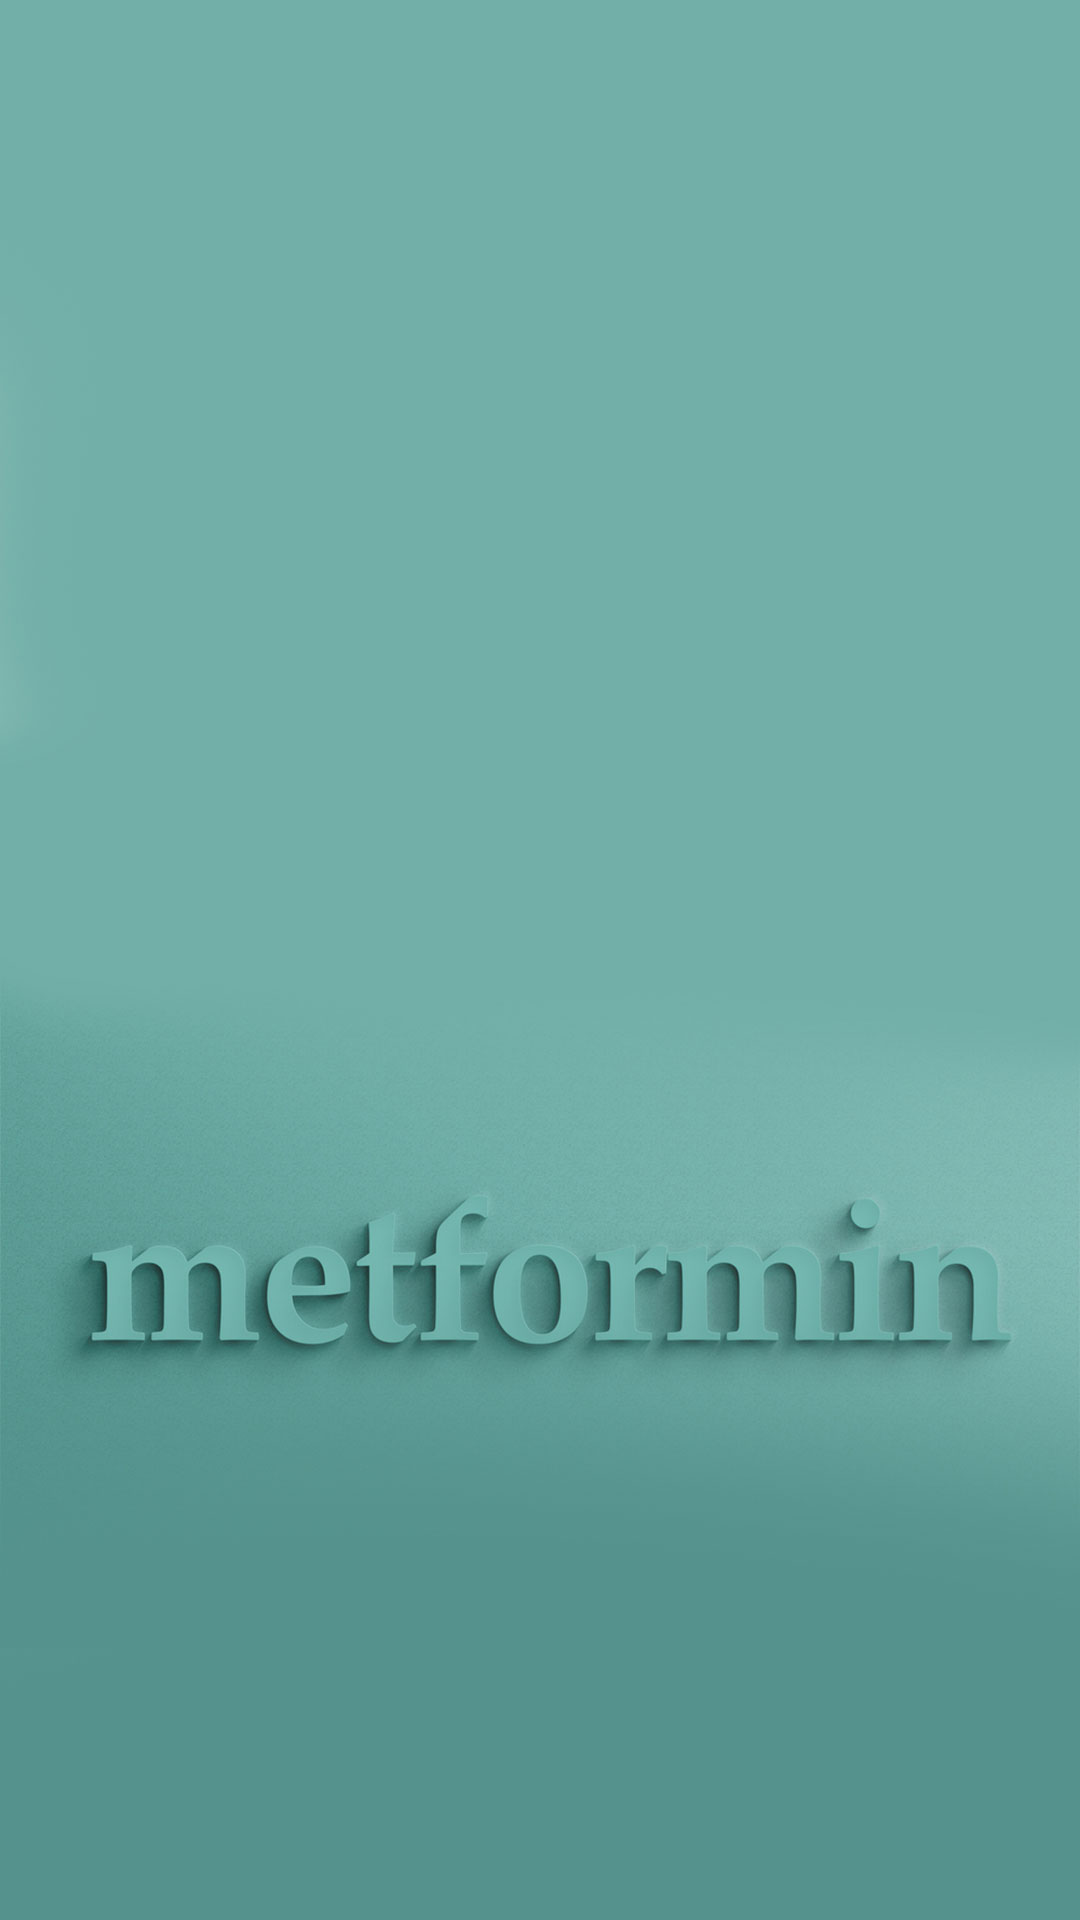 Is metformin a wonder drug?